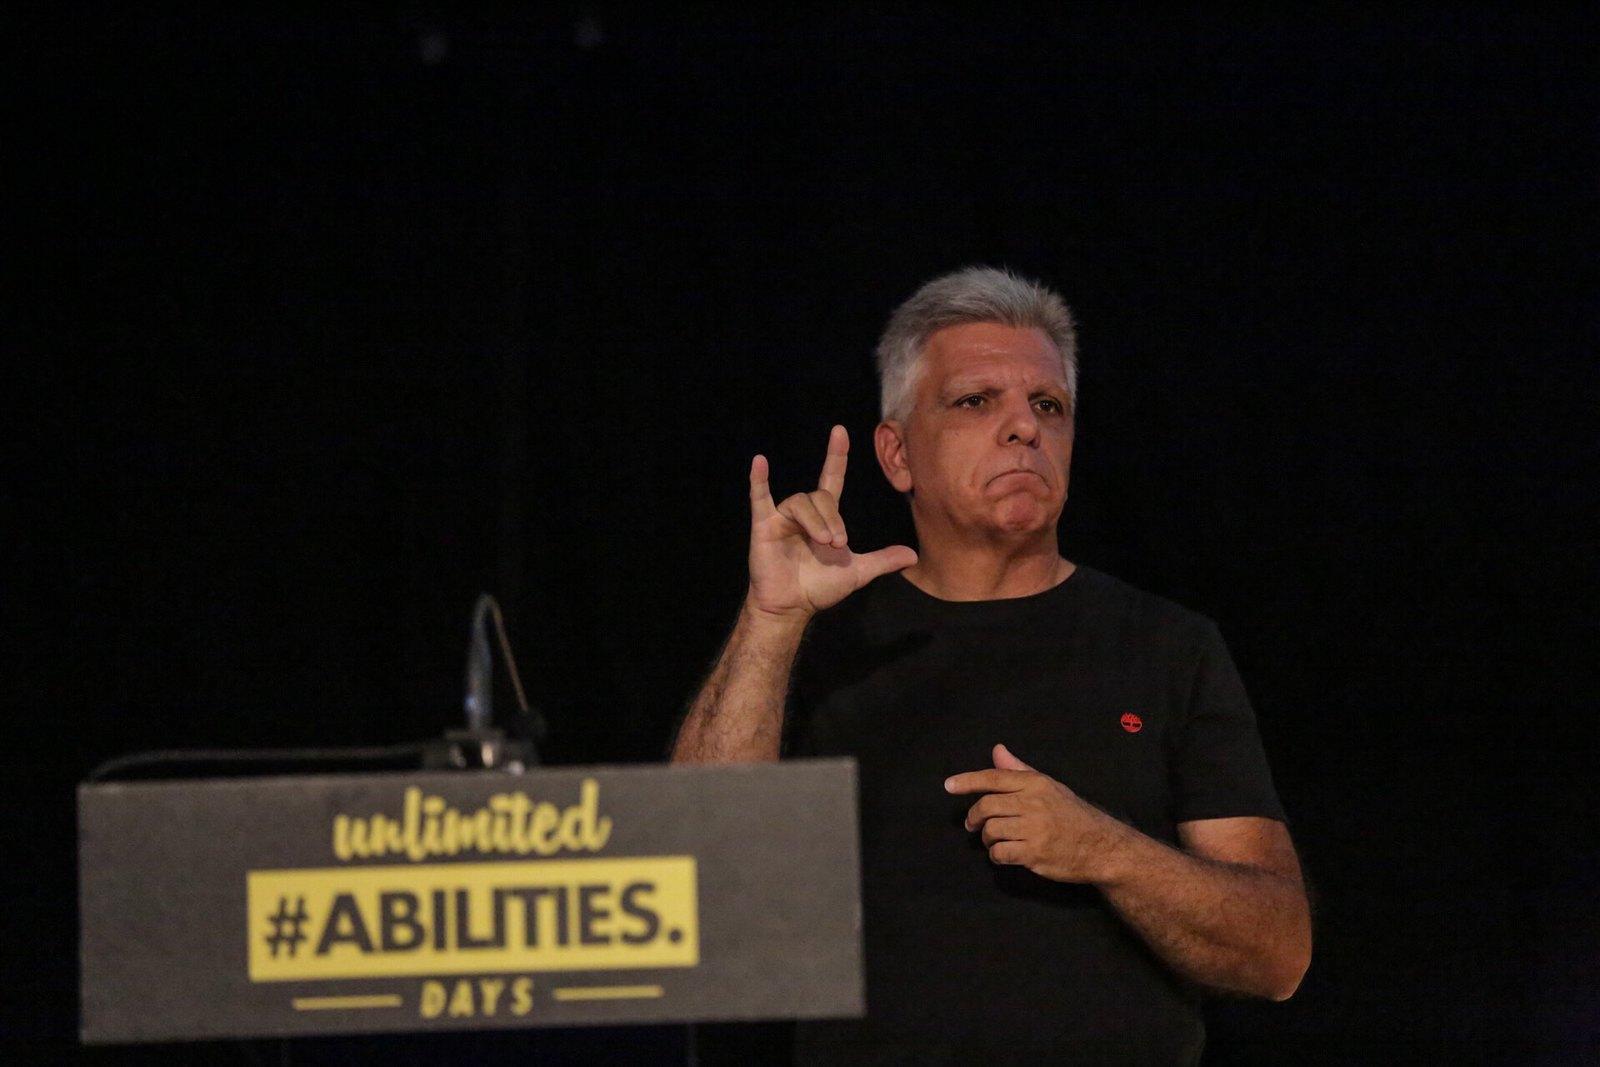 Abilities Talks 2019